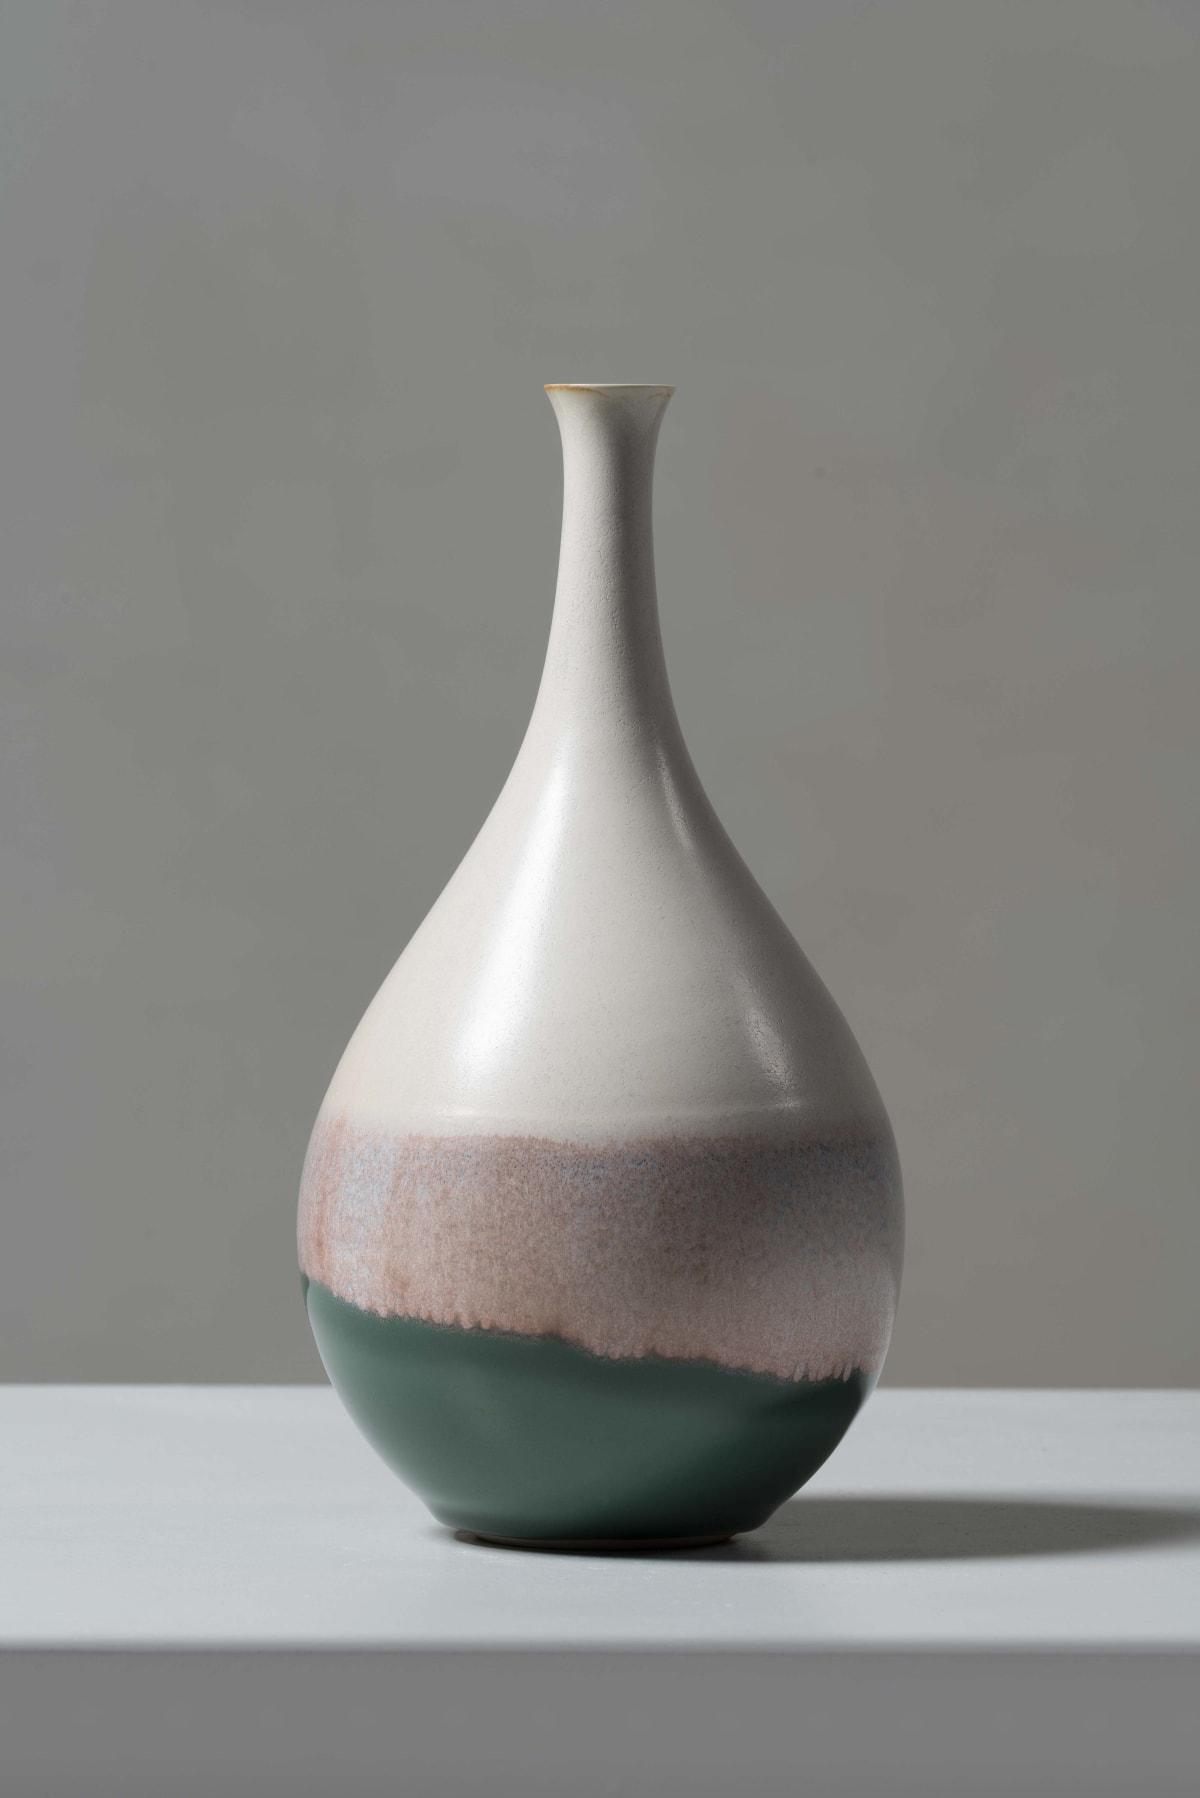 Fuku Fukumoto, Flower vase, 2018